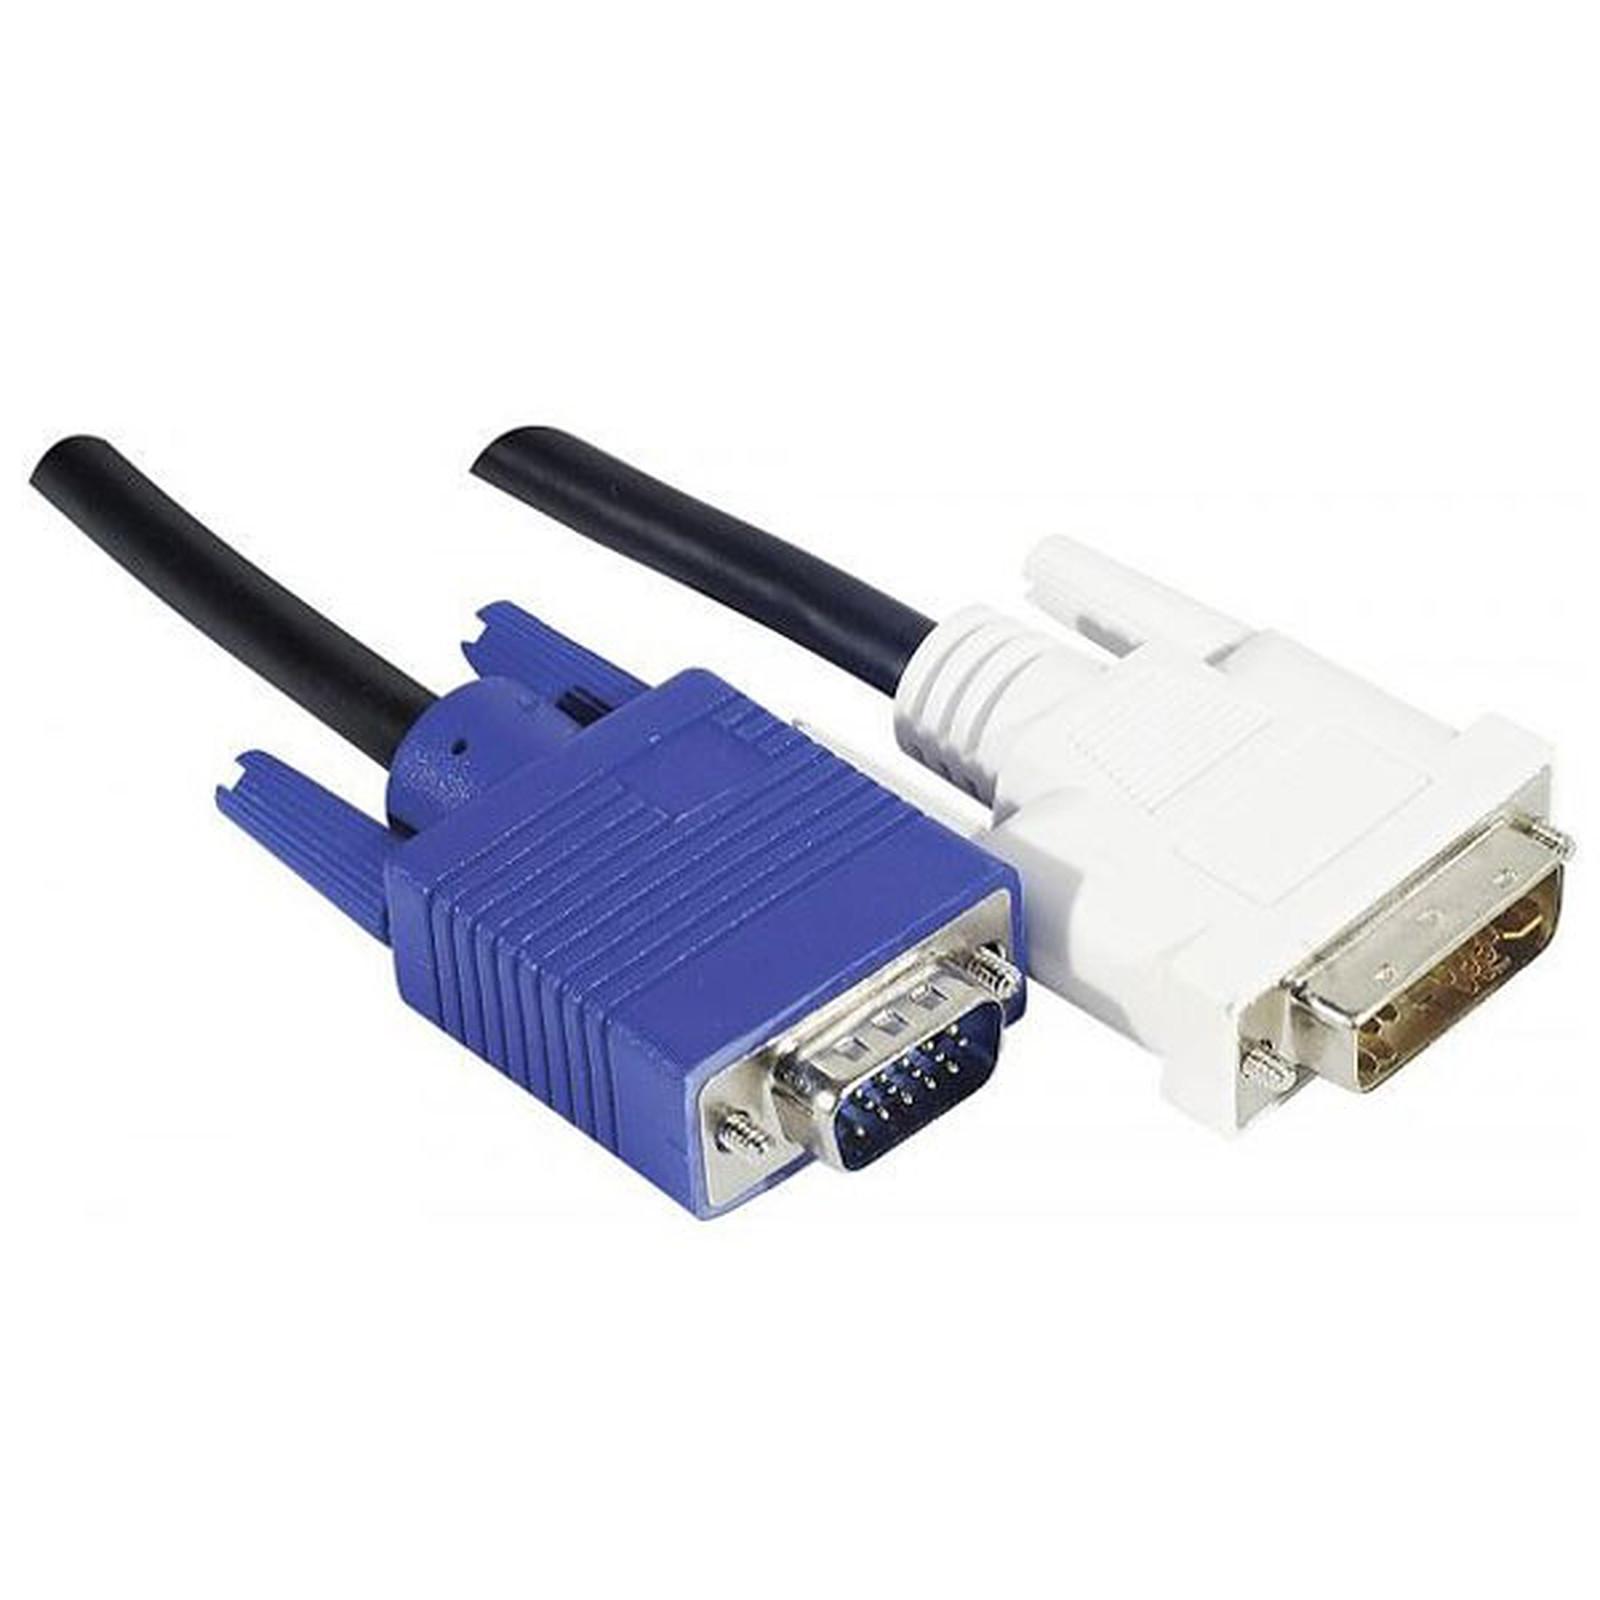 Cable DVI-A / VGA (5 metros)